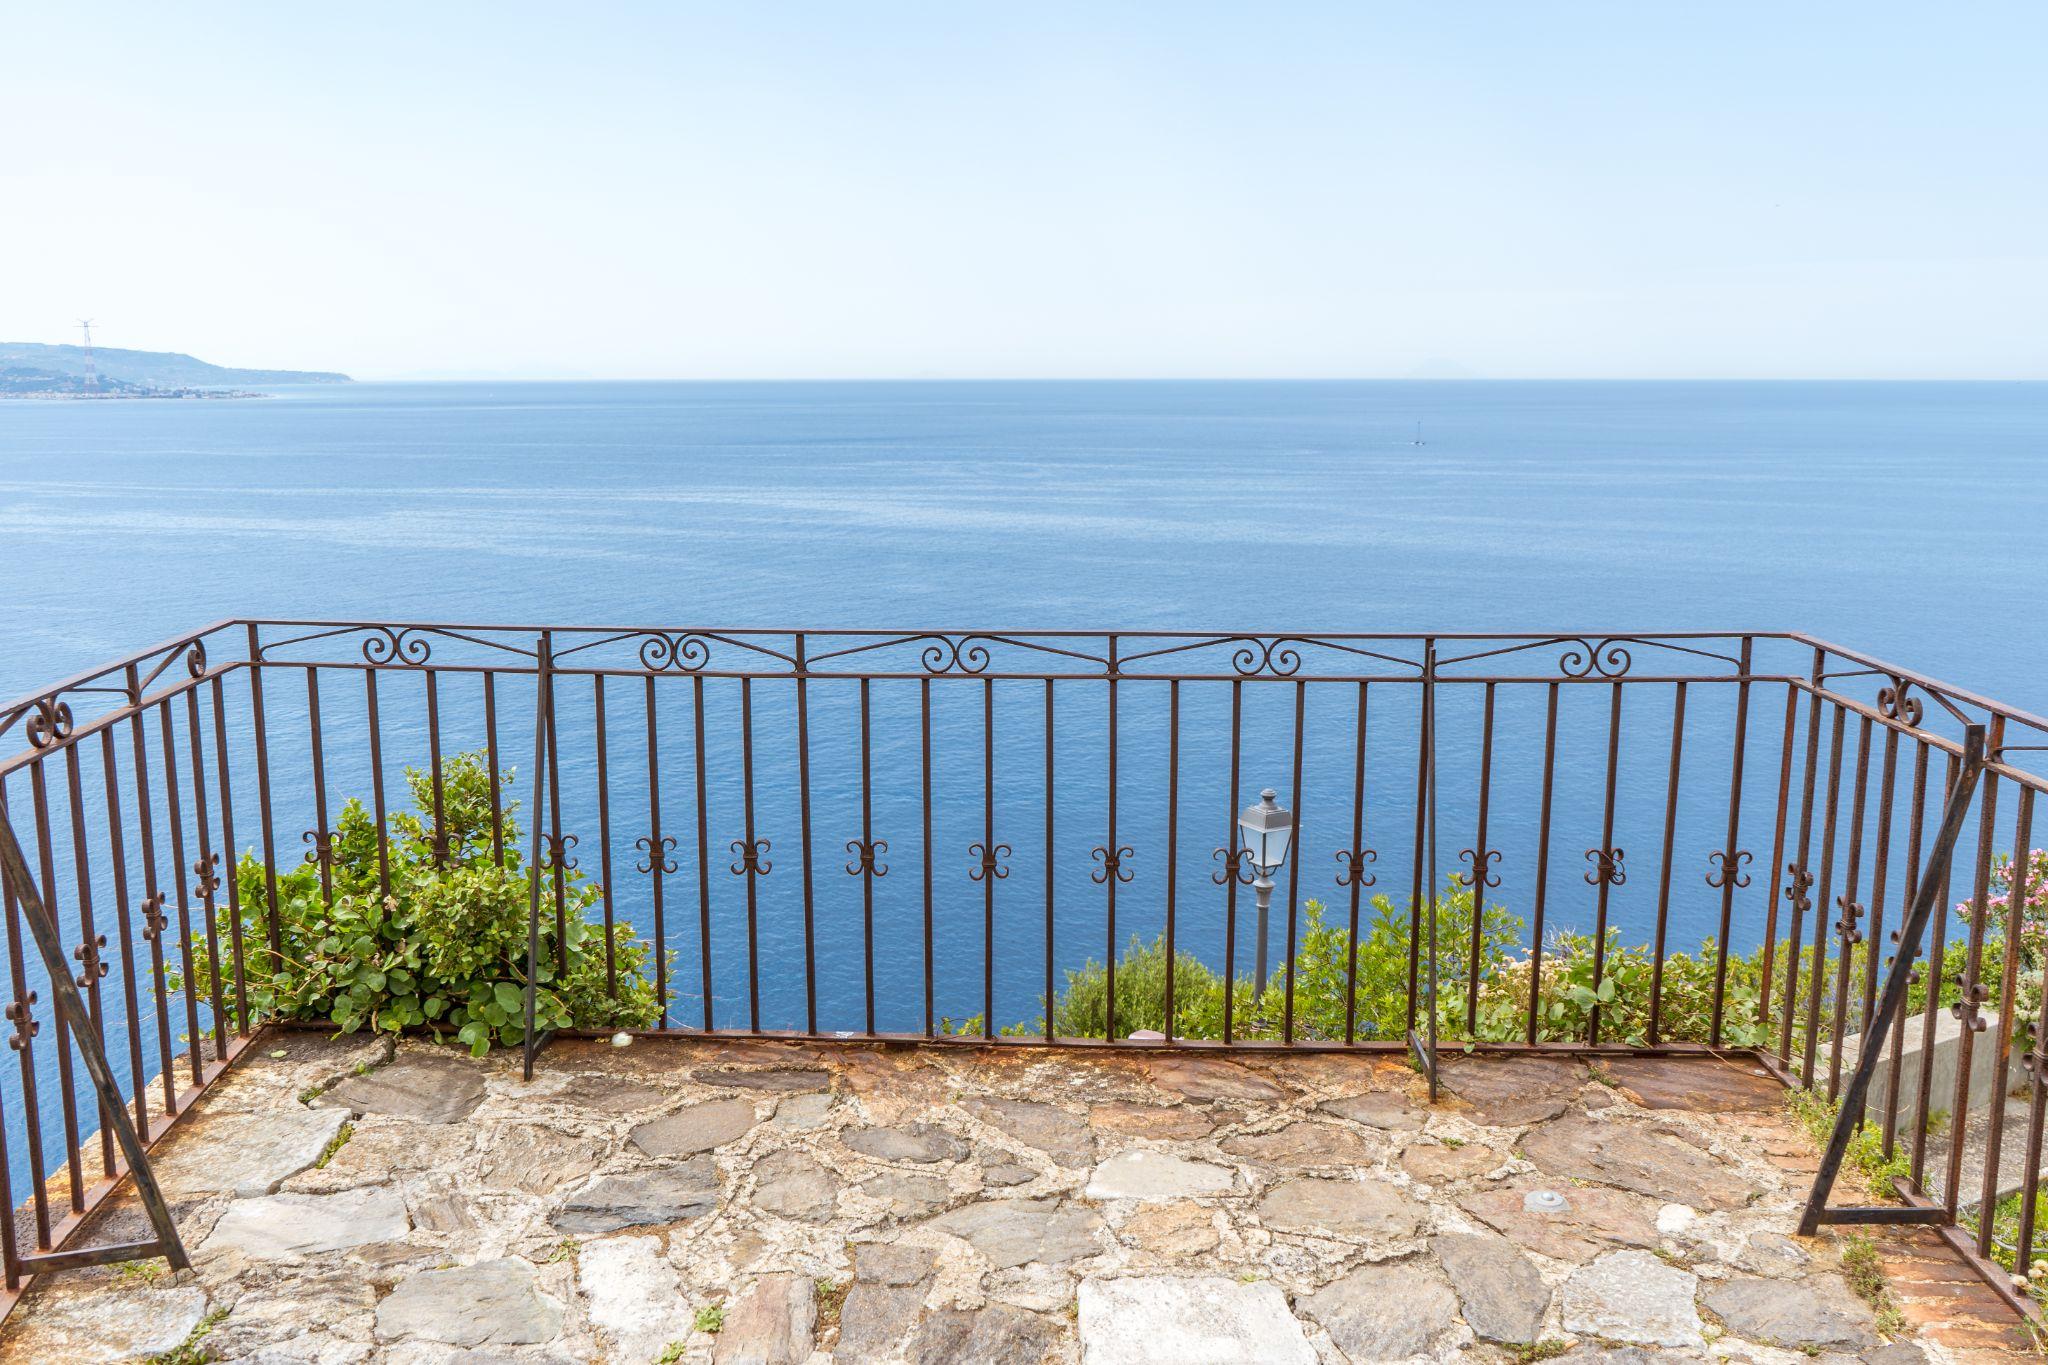 Balcony on the sea